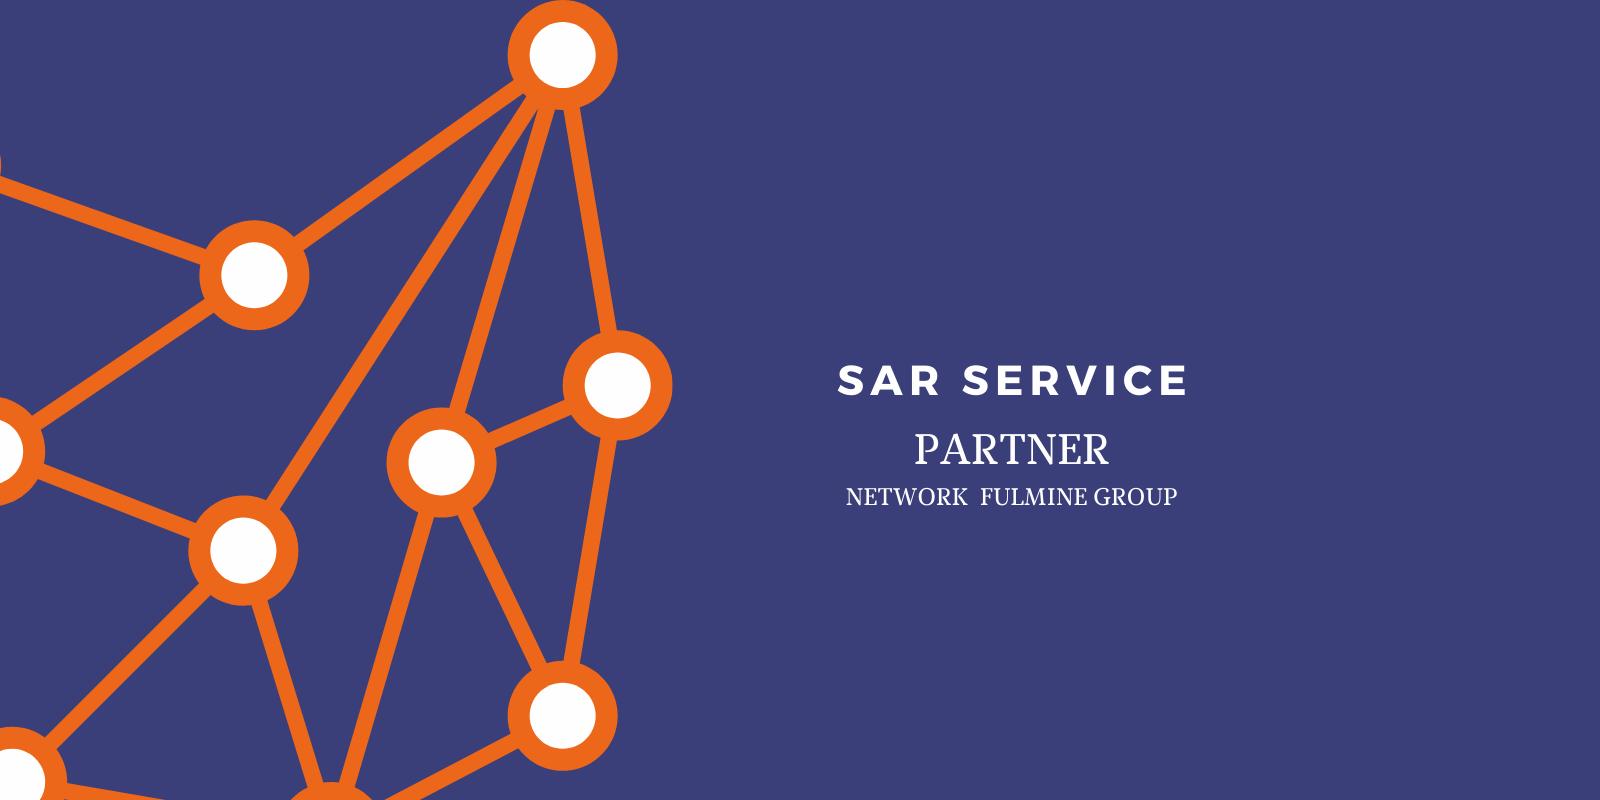 Circa 7 Anni Sar Service Fa Parte Del Network Fulmine Group, Trovando Nella Partnership Una Possibilità Di Sviluppo Ed Una Valorizzazione Della Propria Attività.